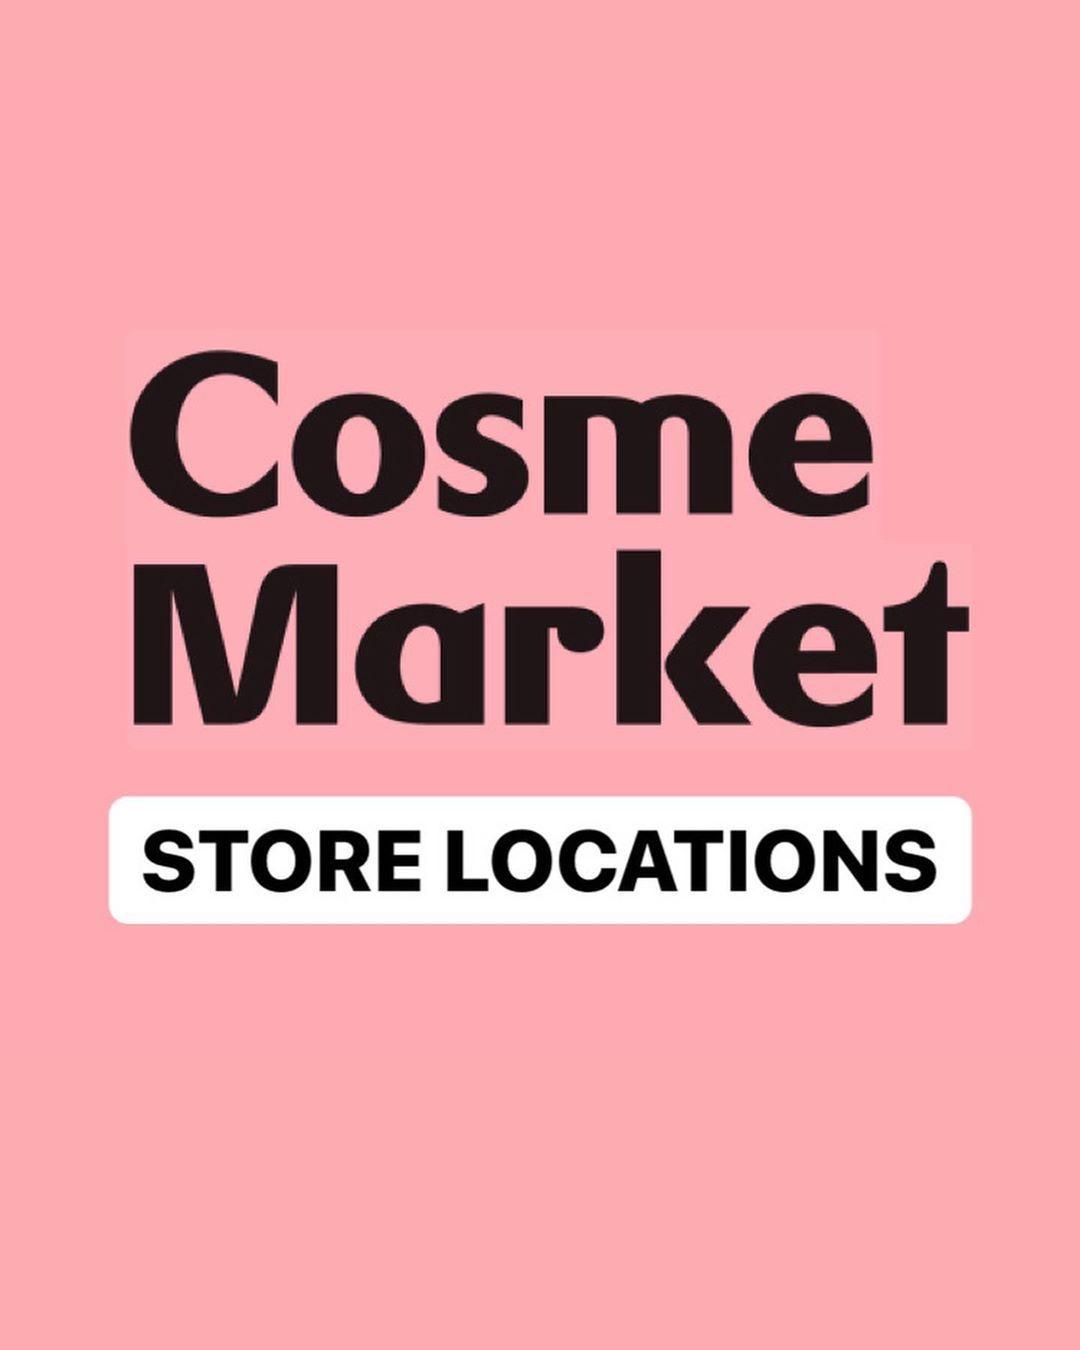 Garden Care Logo Garden Cosme Marketour Discount 2020 Stor